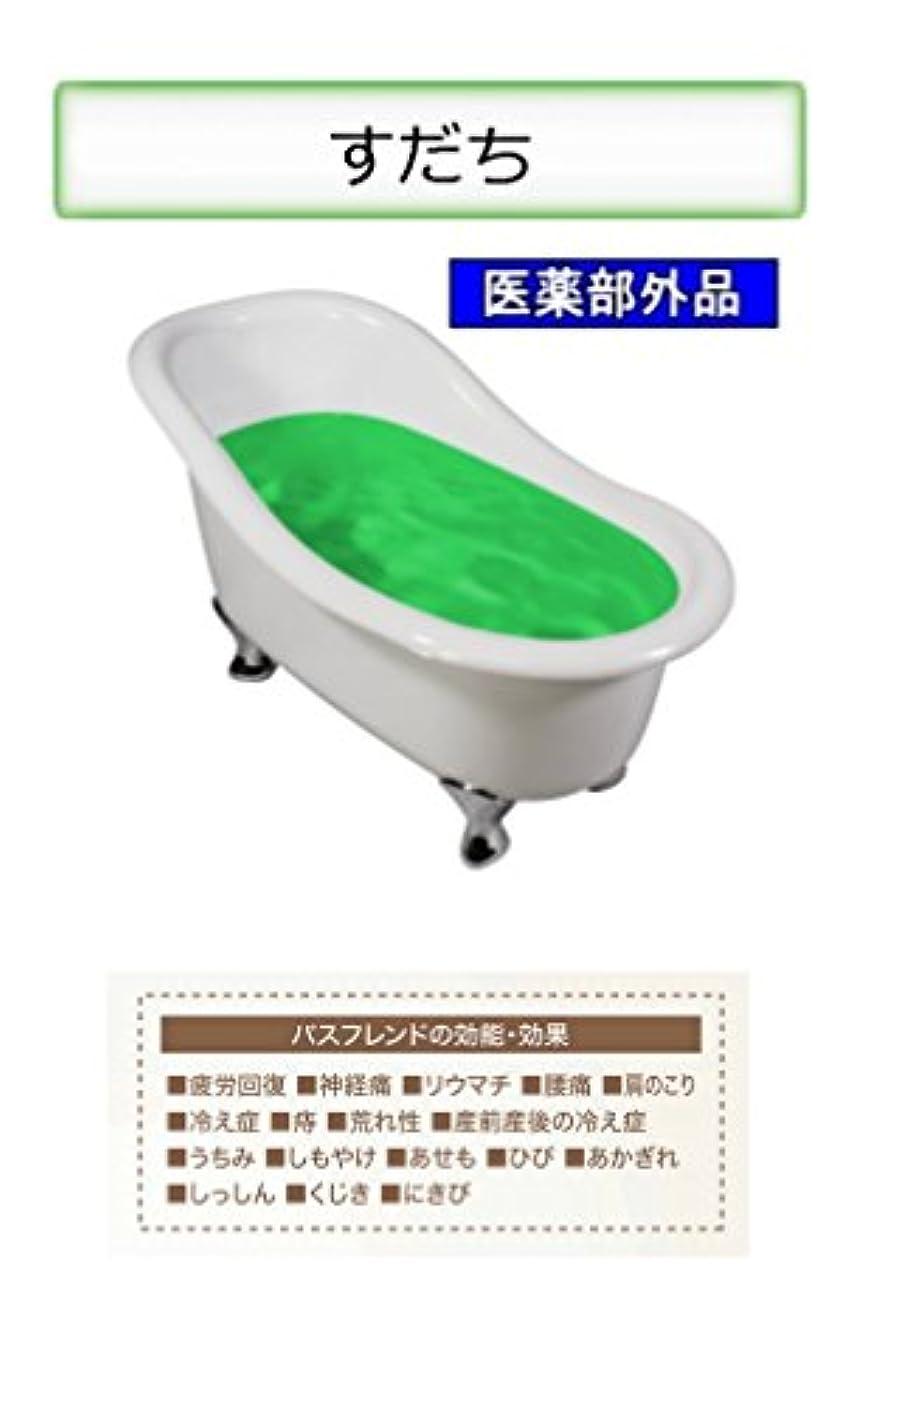 記録関連付ける接尾辞薬用入浴剤 バスフレンド/伊吹正 (すだち, 17kg)